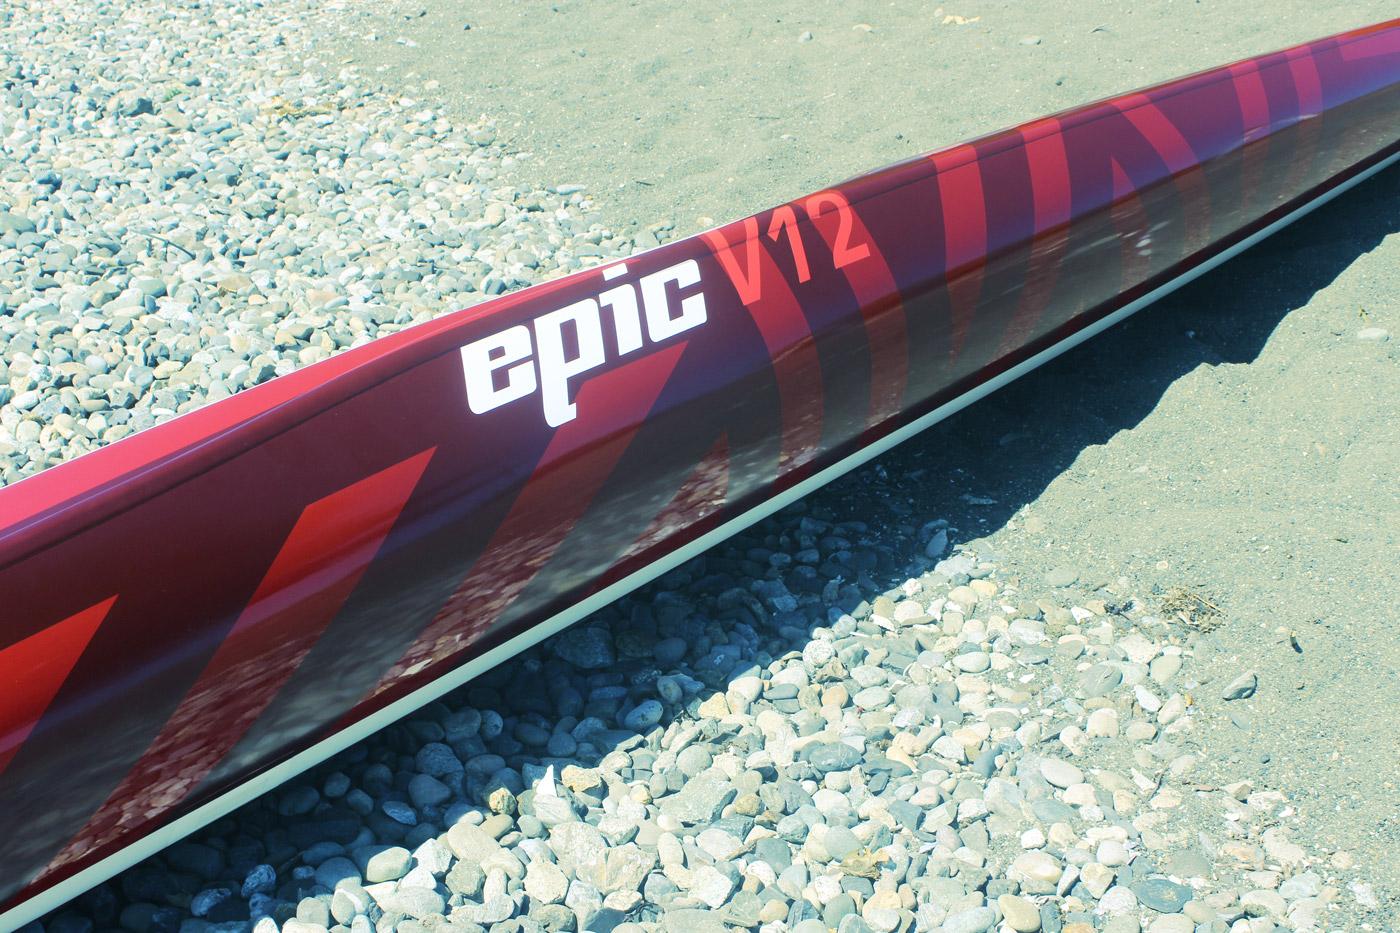 Epic-Matador-V12-Concept-Customer-Surfski-004.jpg